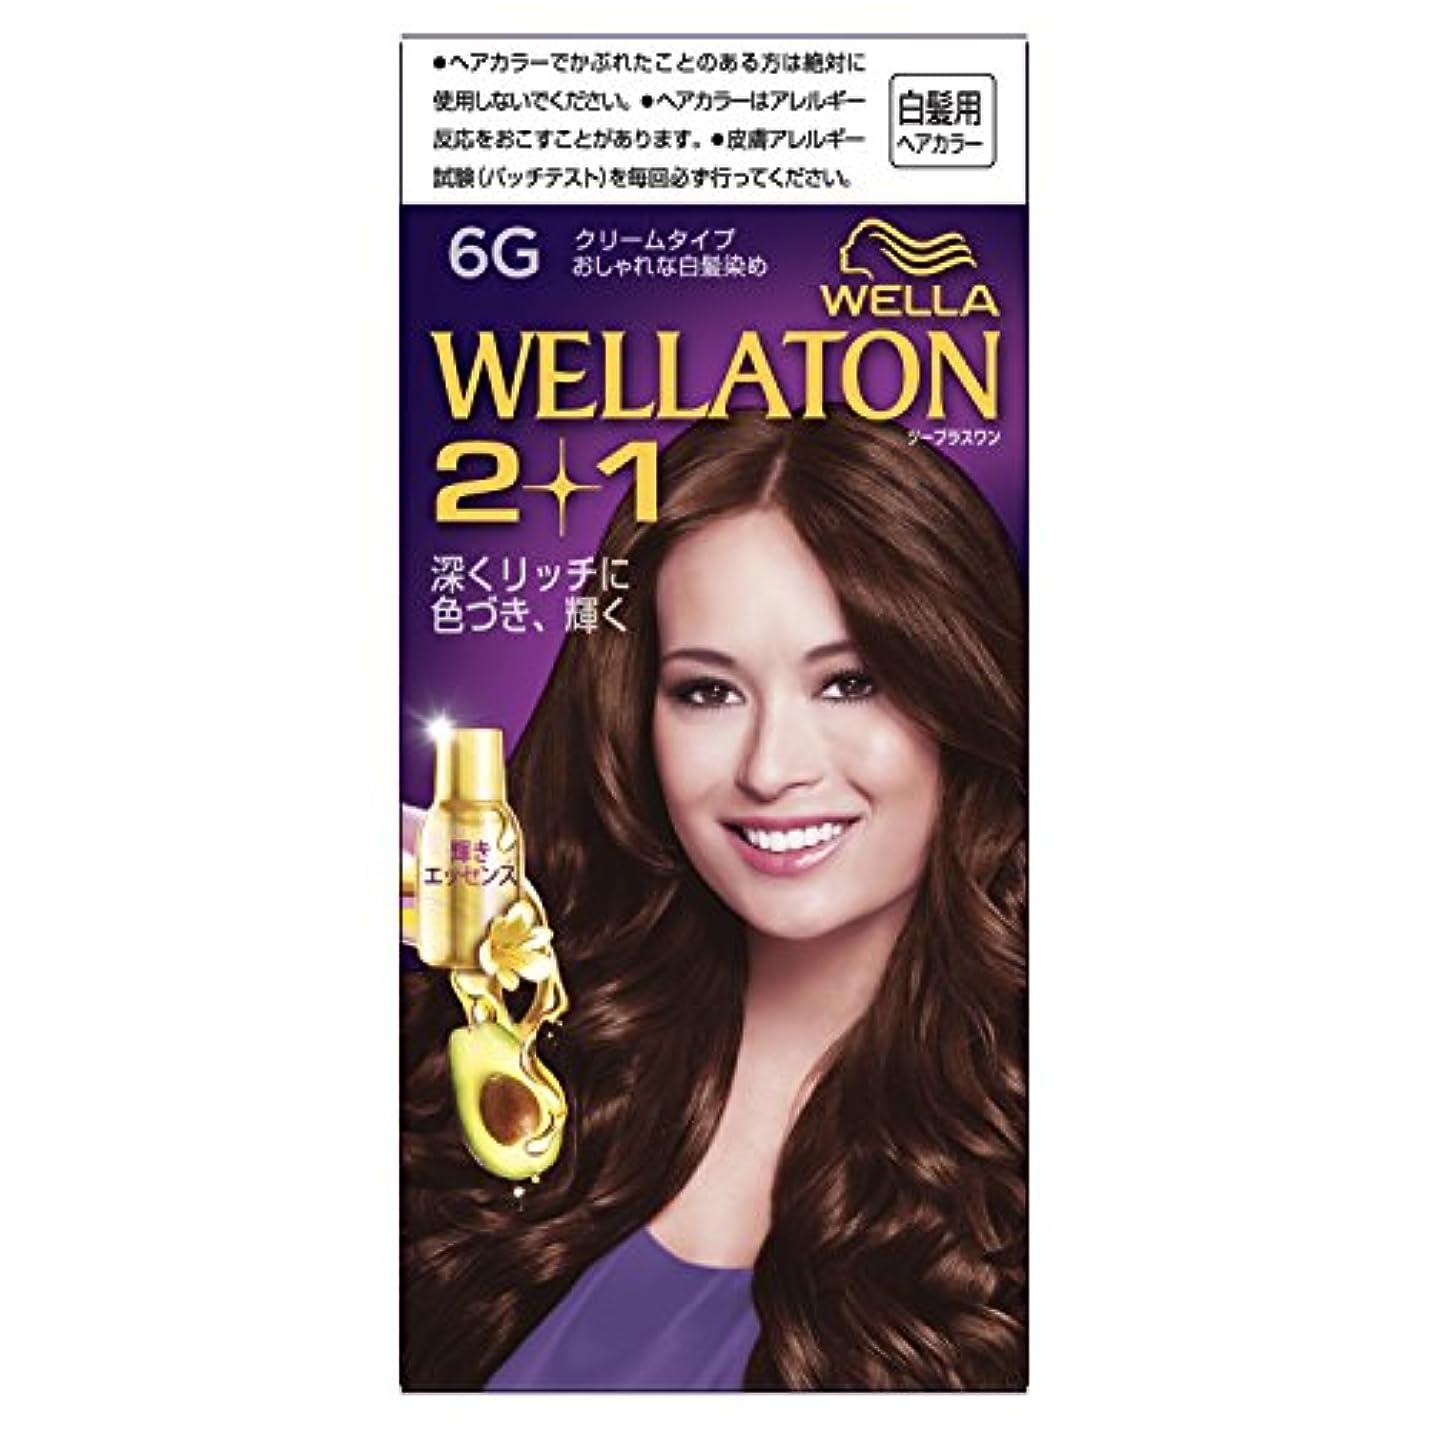 レジデンス悪化させる悲鳴ウエラトーン2+1 クリームタイプ 6G [医薬部外品](おしゃれな白髪染め)